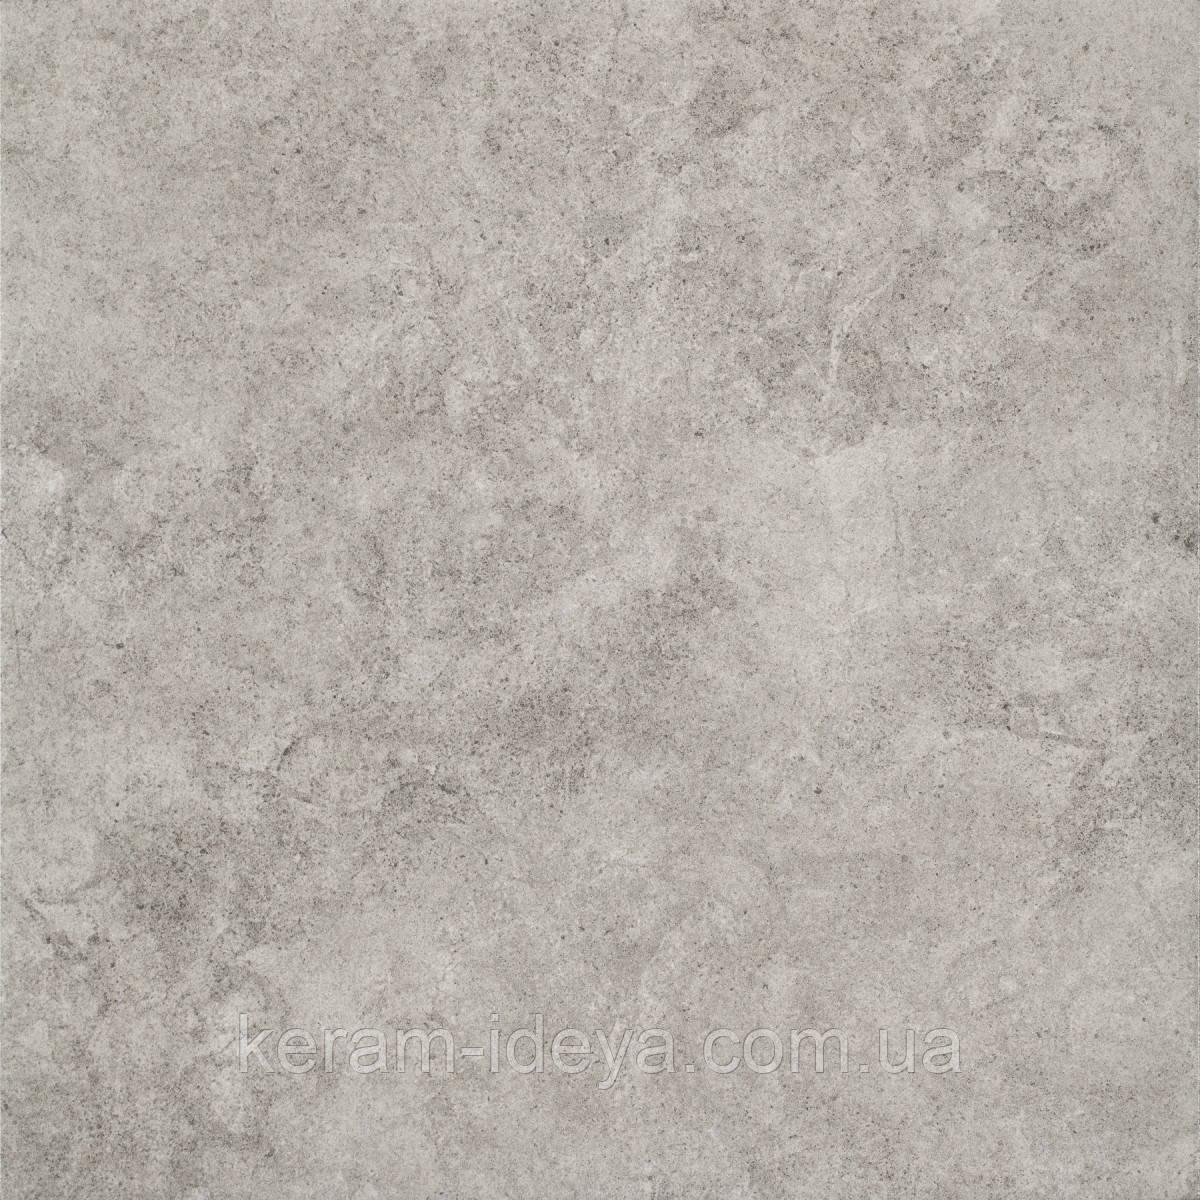 Плитка грейс для пола Cersanit Goran Grey 42x42